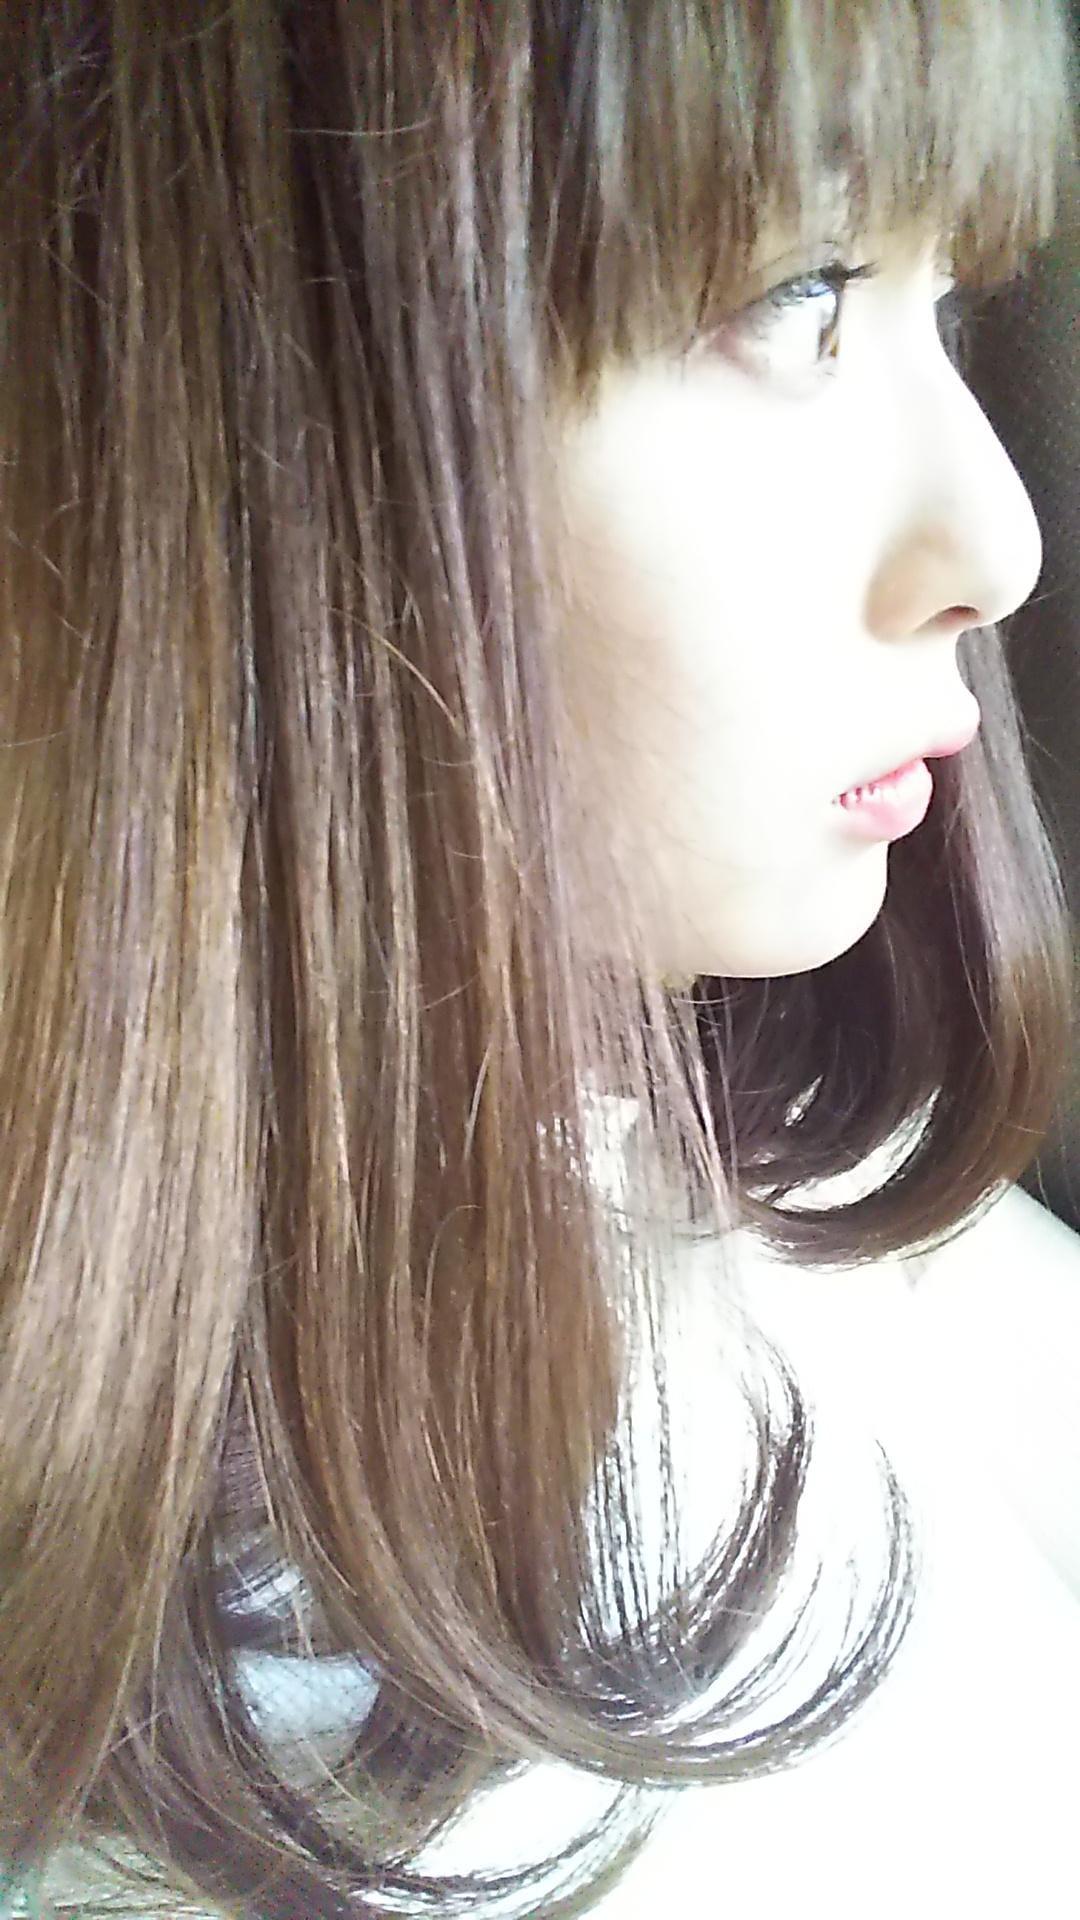 「ぴまぴた」05/24(05/24) 20:16 | RINA【りな】の写メ・風俗動画